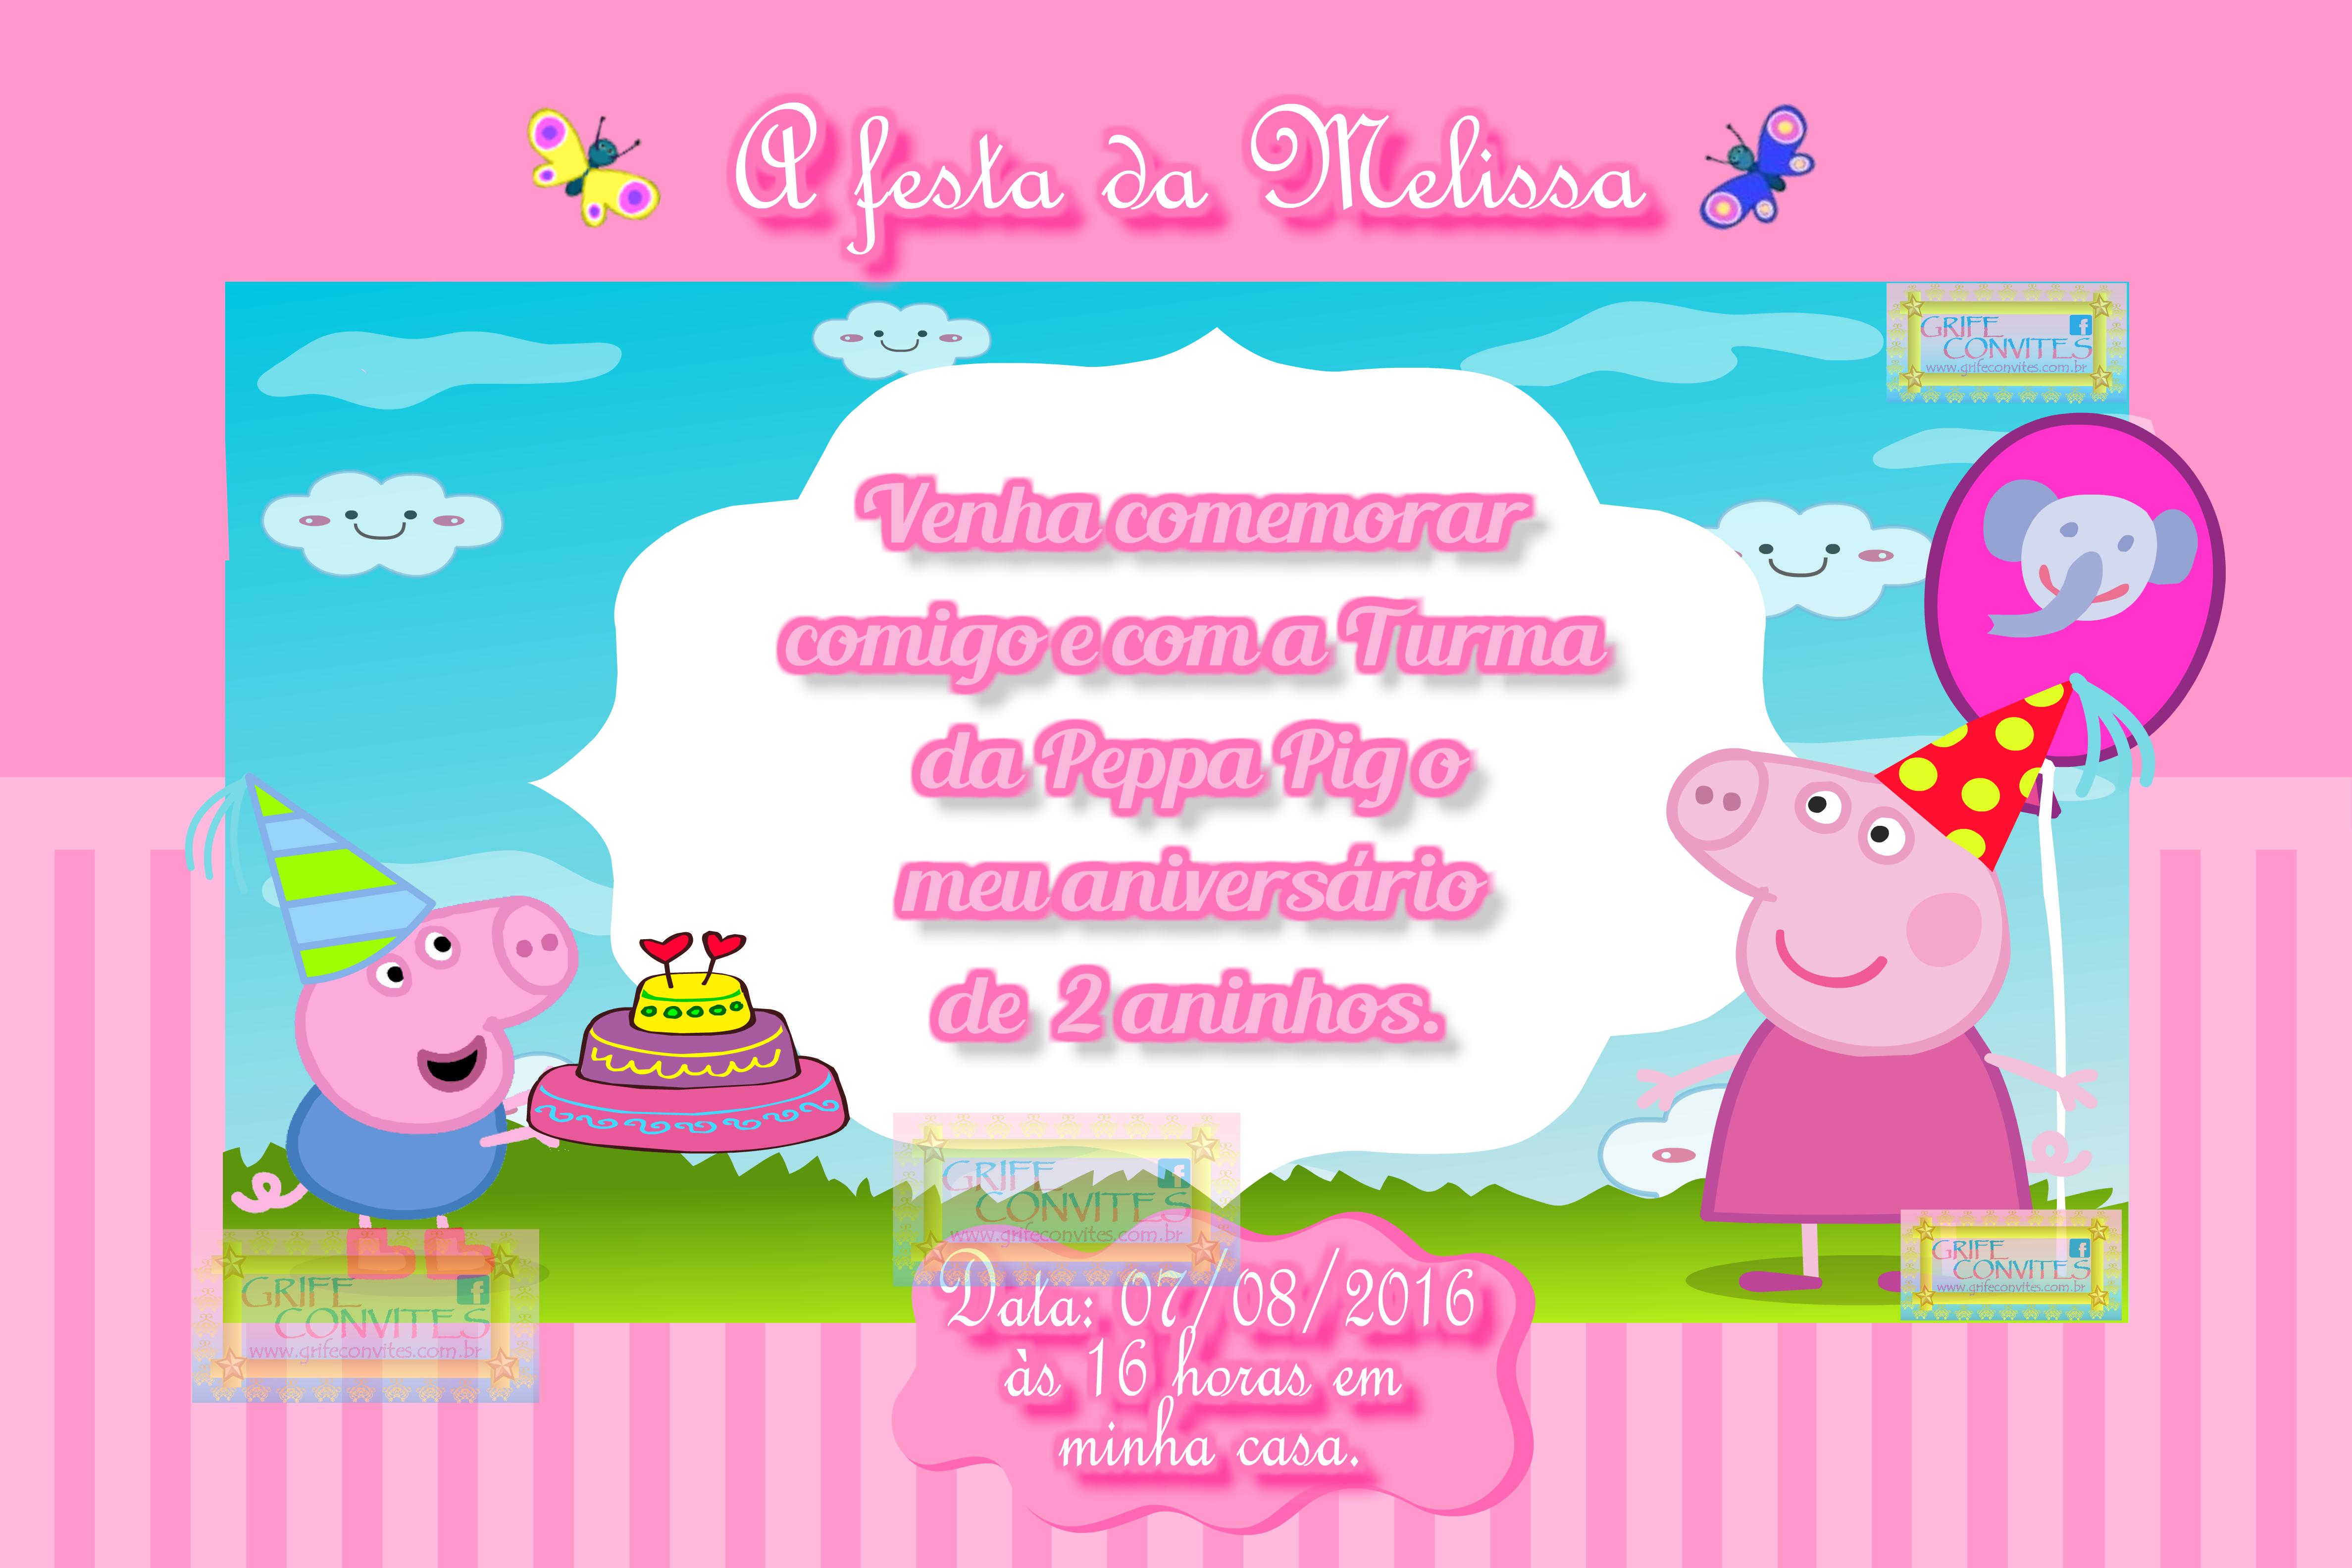 Que tal um convite gratuito e editável da Pepa Pig? E que tal três modelos  editáveis? Legal né!